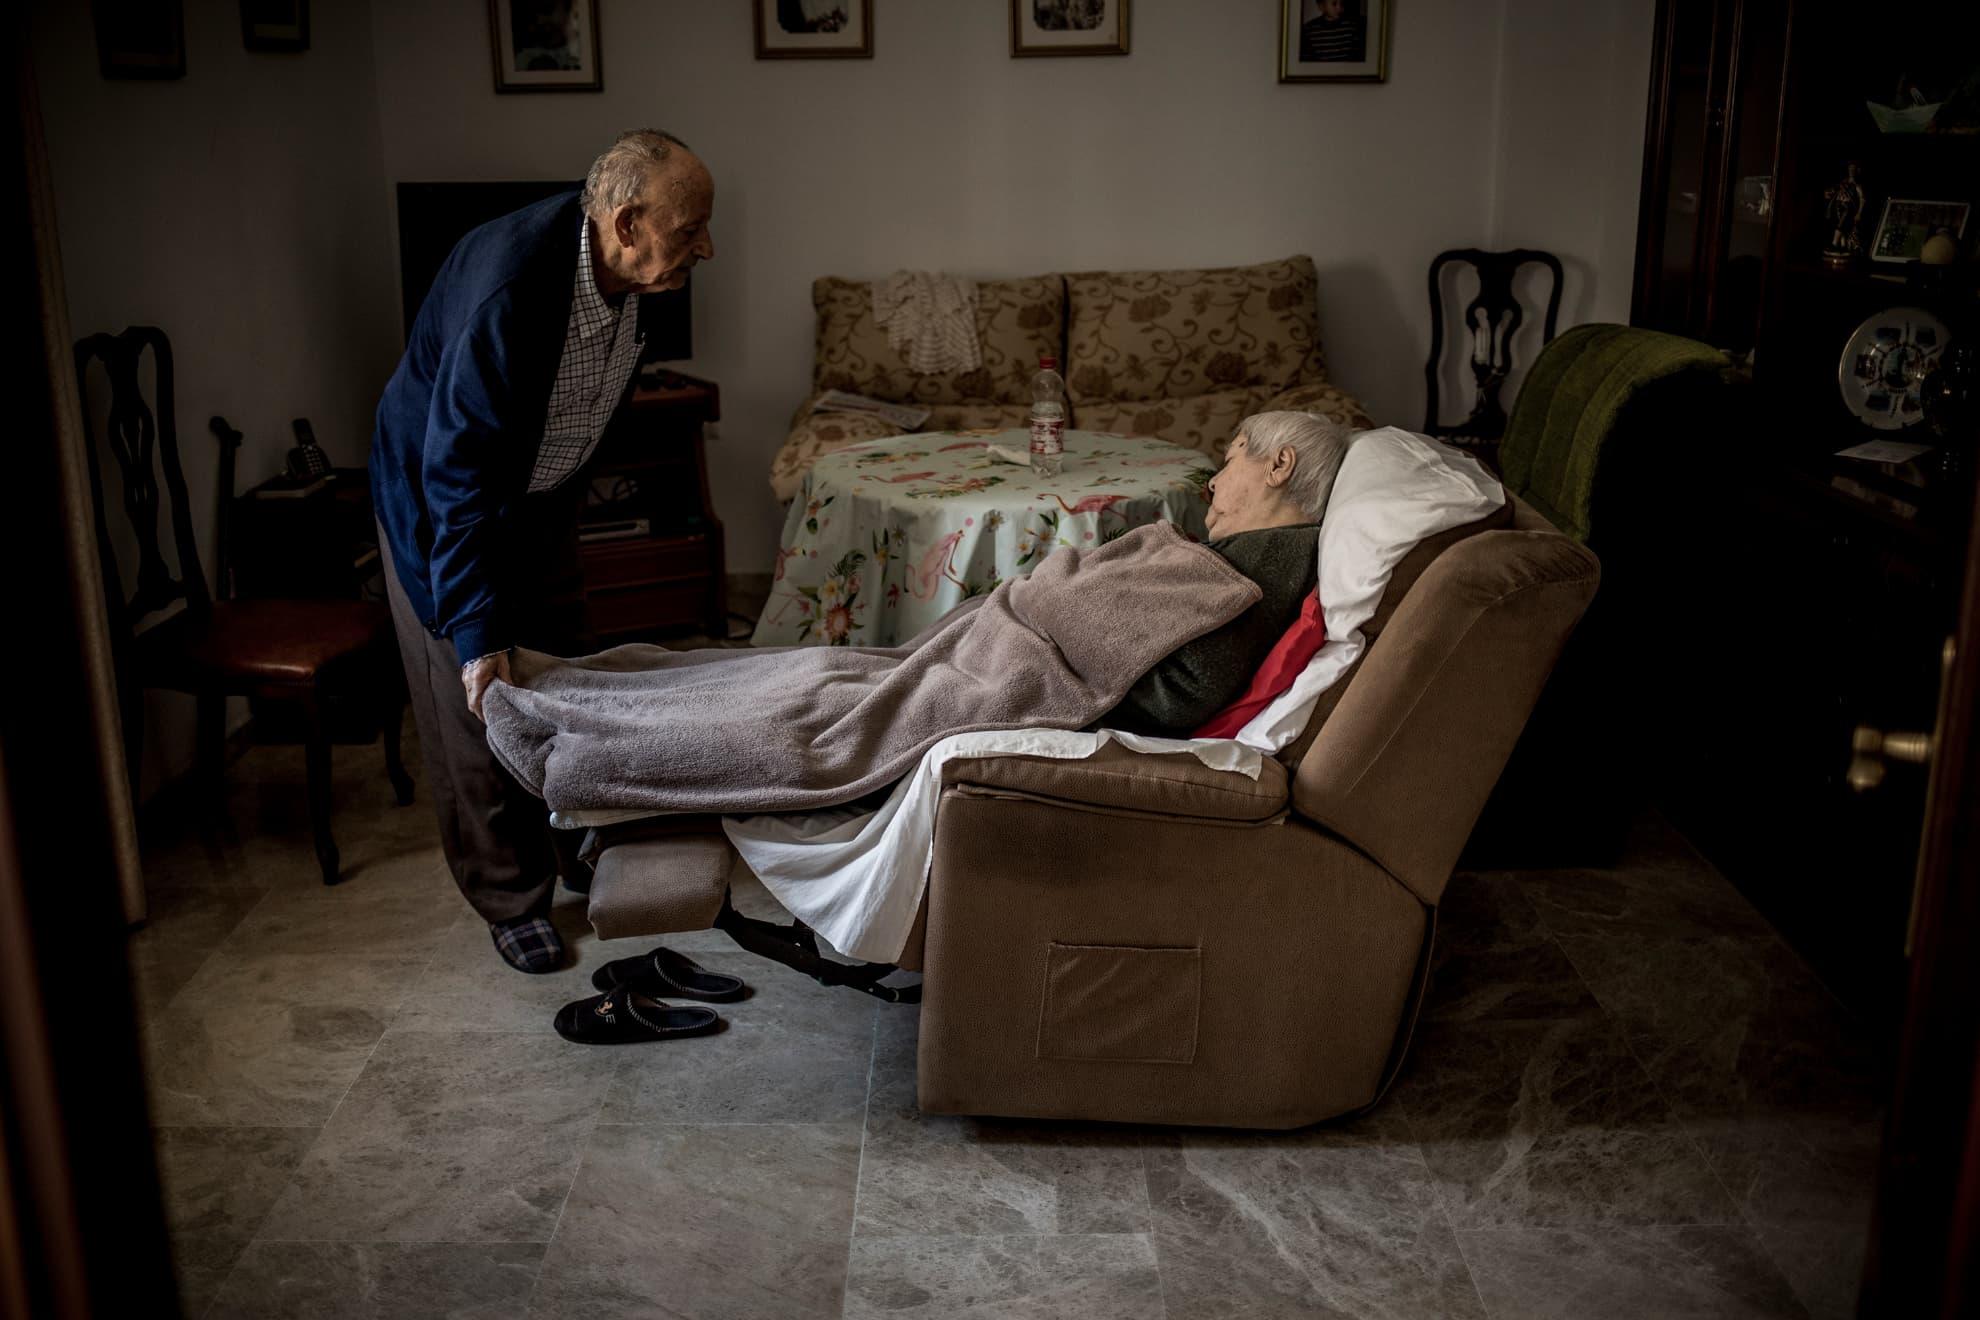 Manuel Ramos y Josefa Contreras comparten vida y edad, ambos tienen 86 años. Hace diez años, Josefa fue diagnosticada con DCL (Demencia con Cuerpos de Lewy), una enfermedad degenerativa del cerebro cuyos síntomas se asemejan al Alzheimer. Ninguno de los dos ha salido de casa desde el comienzo del estado de alarma. Manuel solía ir a un bar cercano a leer el periódico durante una hora cada día, mientras una persona del servicio de asistencia a domicilio cuidaba de Josefa. Hoy en día no puede hacerlo por las restricciones impuestas por la pandemia y porque esa ayuda diaria se ha reducido a dos días a la semana, al estar en servicios mínimos. En Jerez, Cádiz, el 29 de abril de 2020.